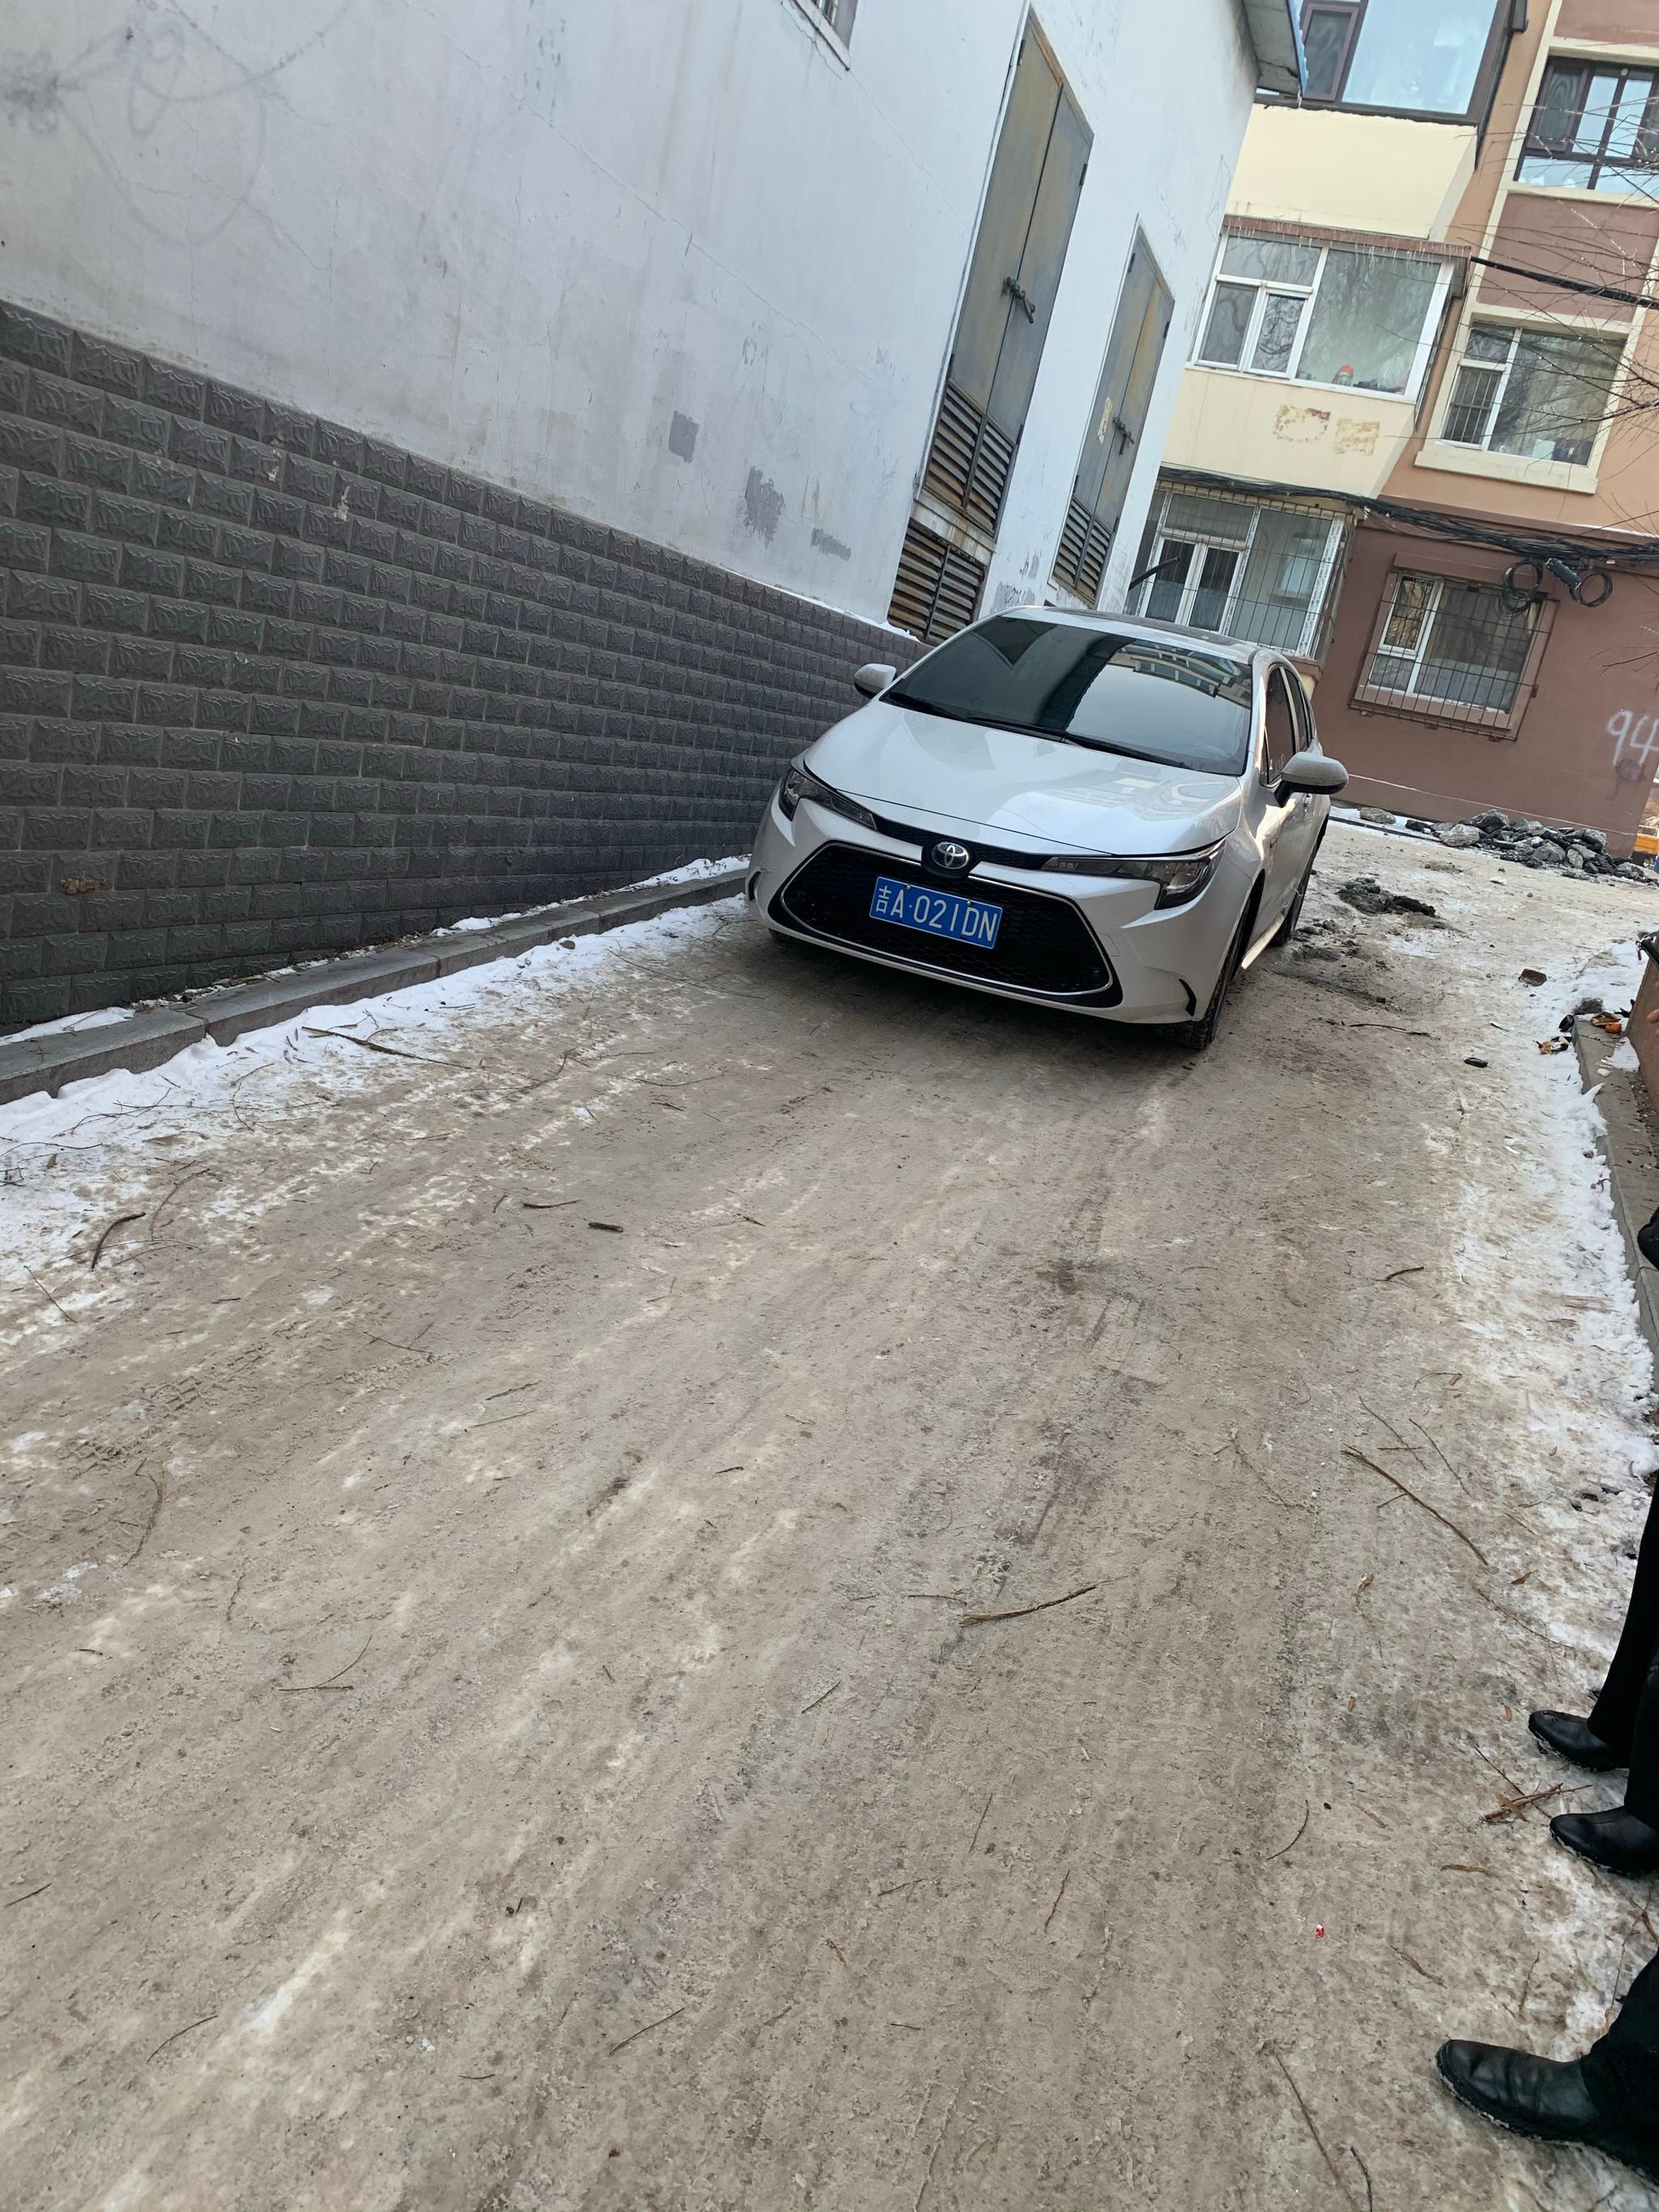 网友反映:南湖新村西街小区97栋胡同,道路结冰,我们车都在错车